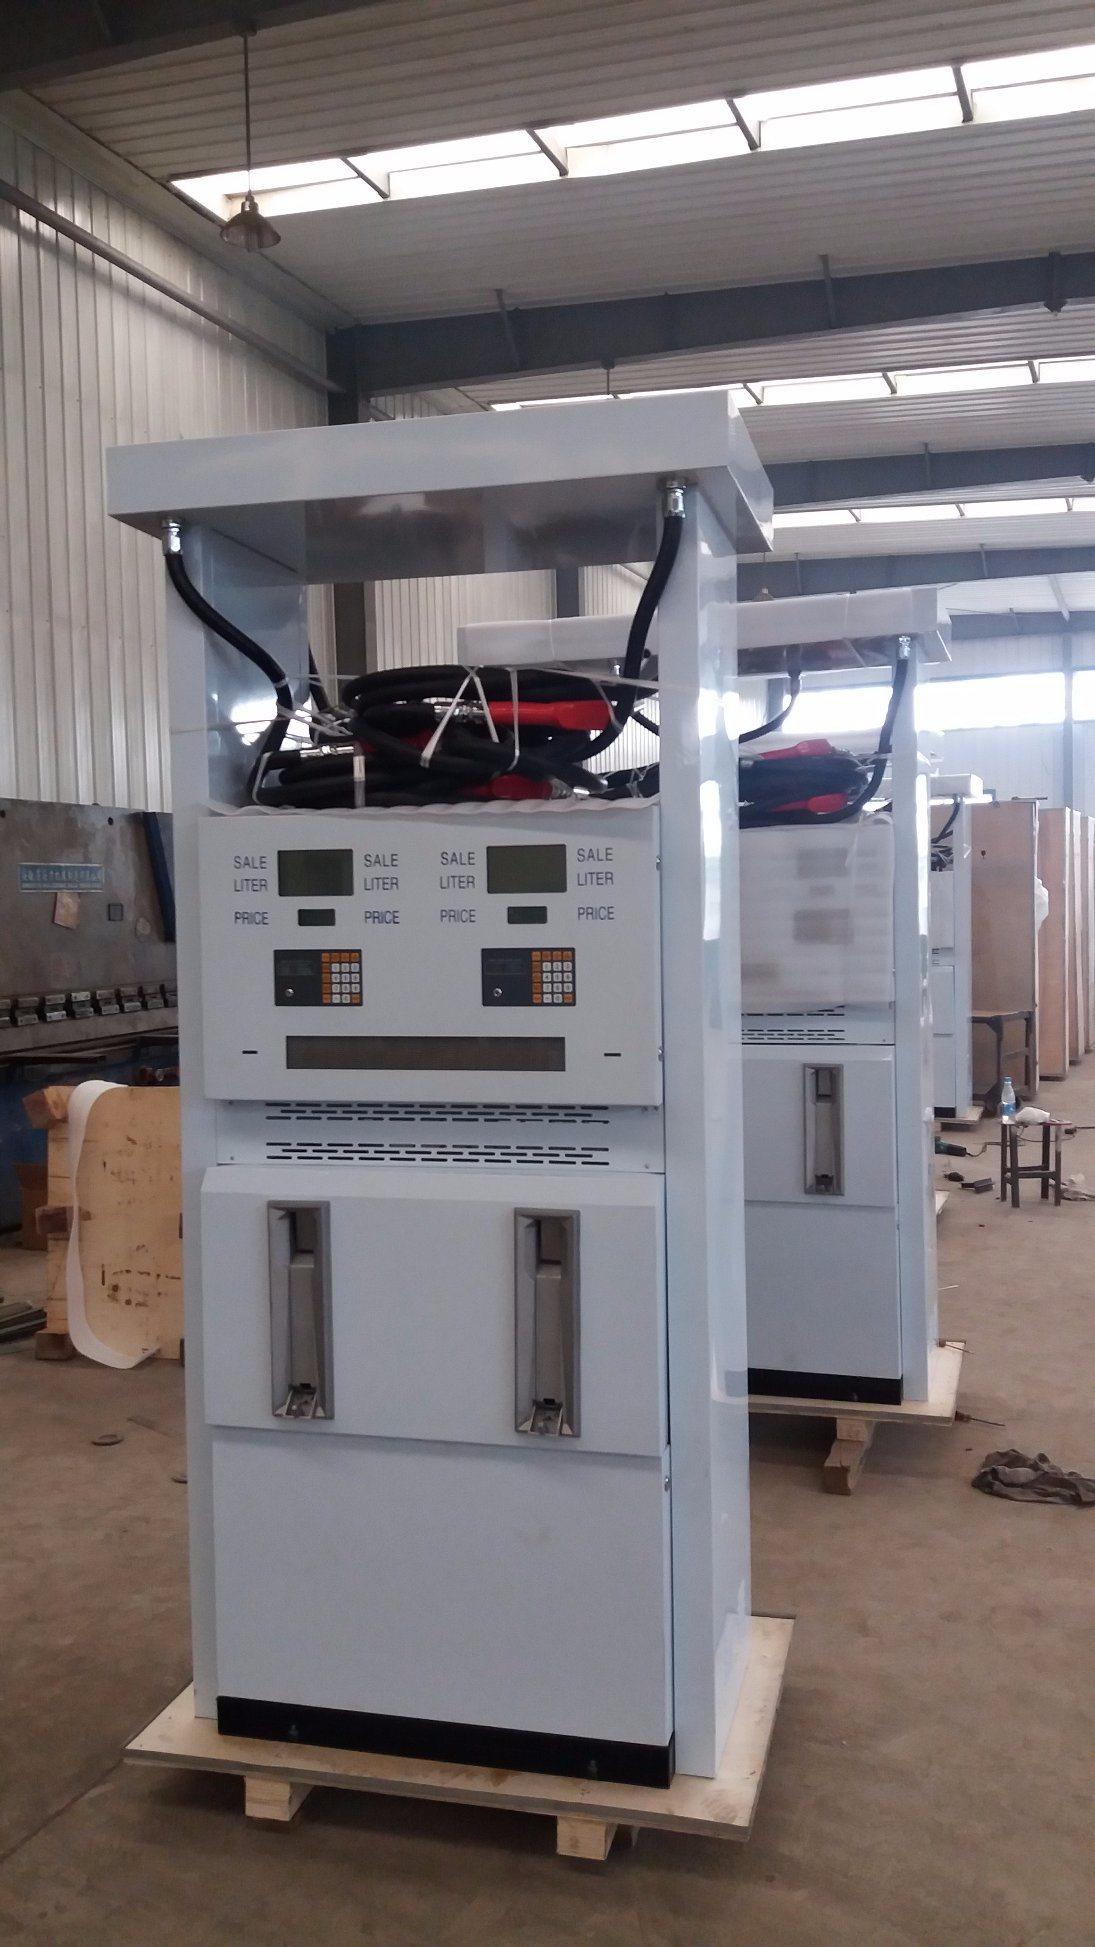 Four Nozzle, Two Pump Fuel Dispenser